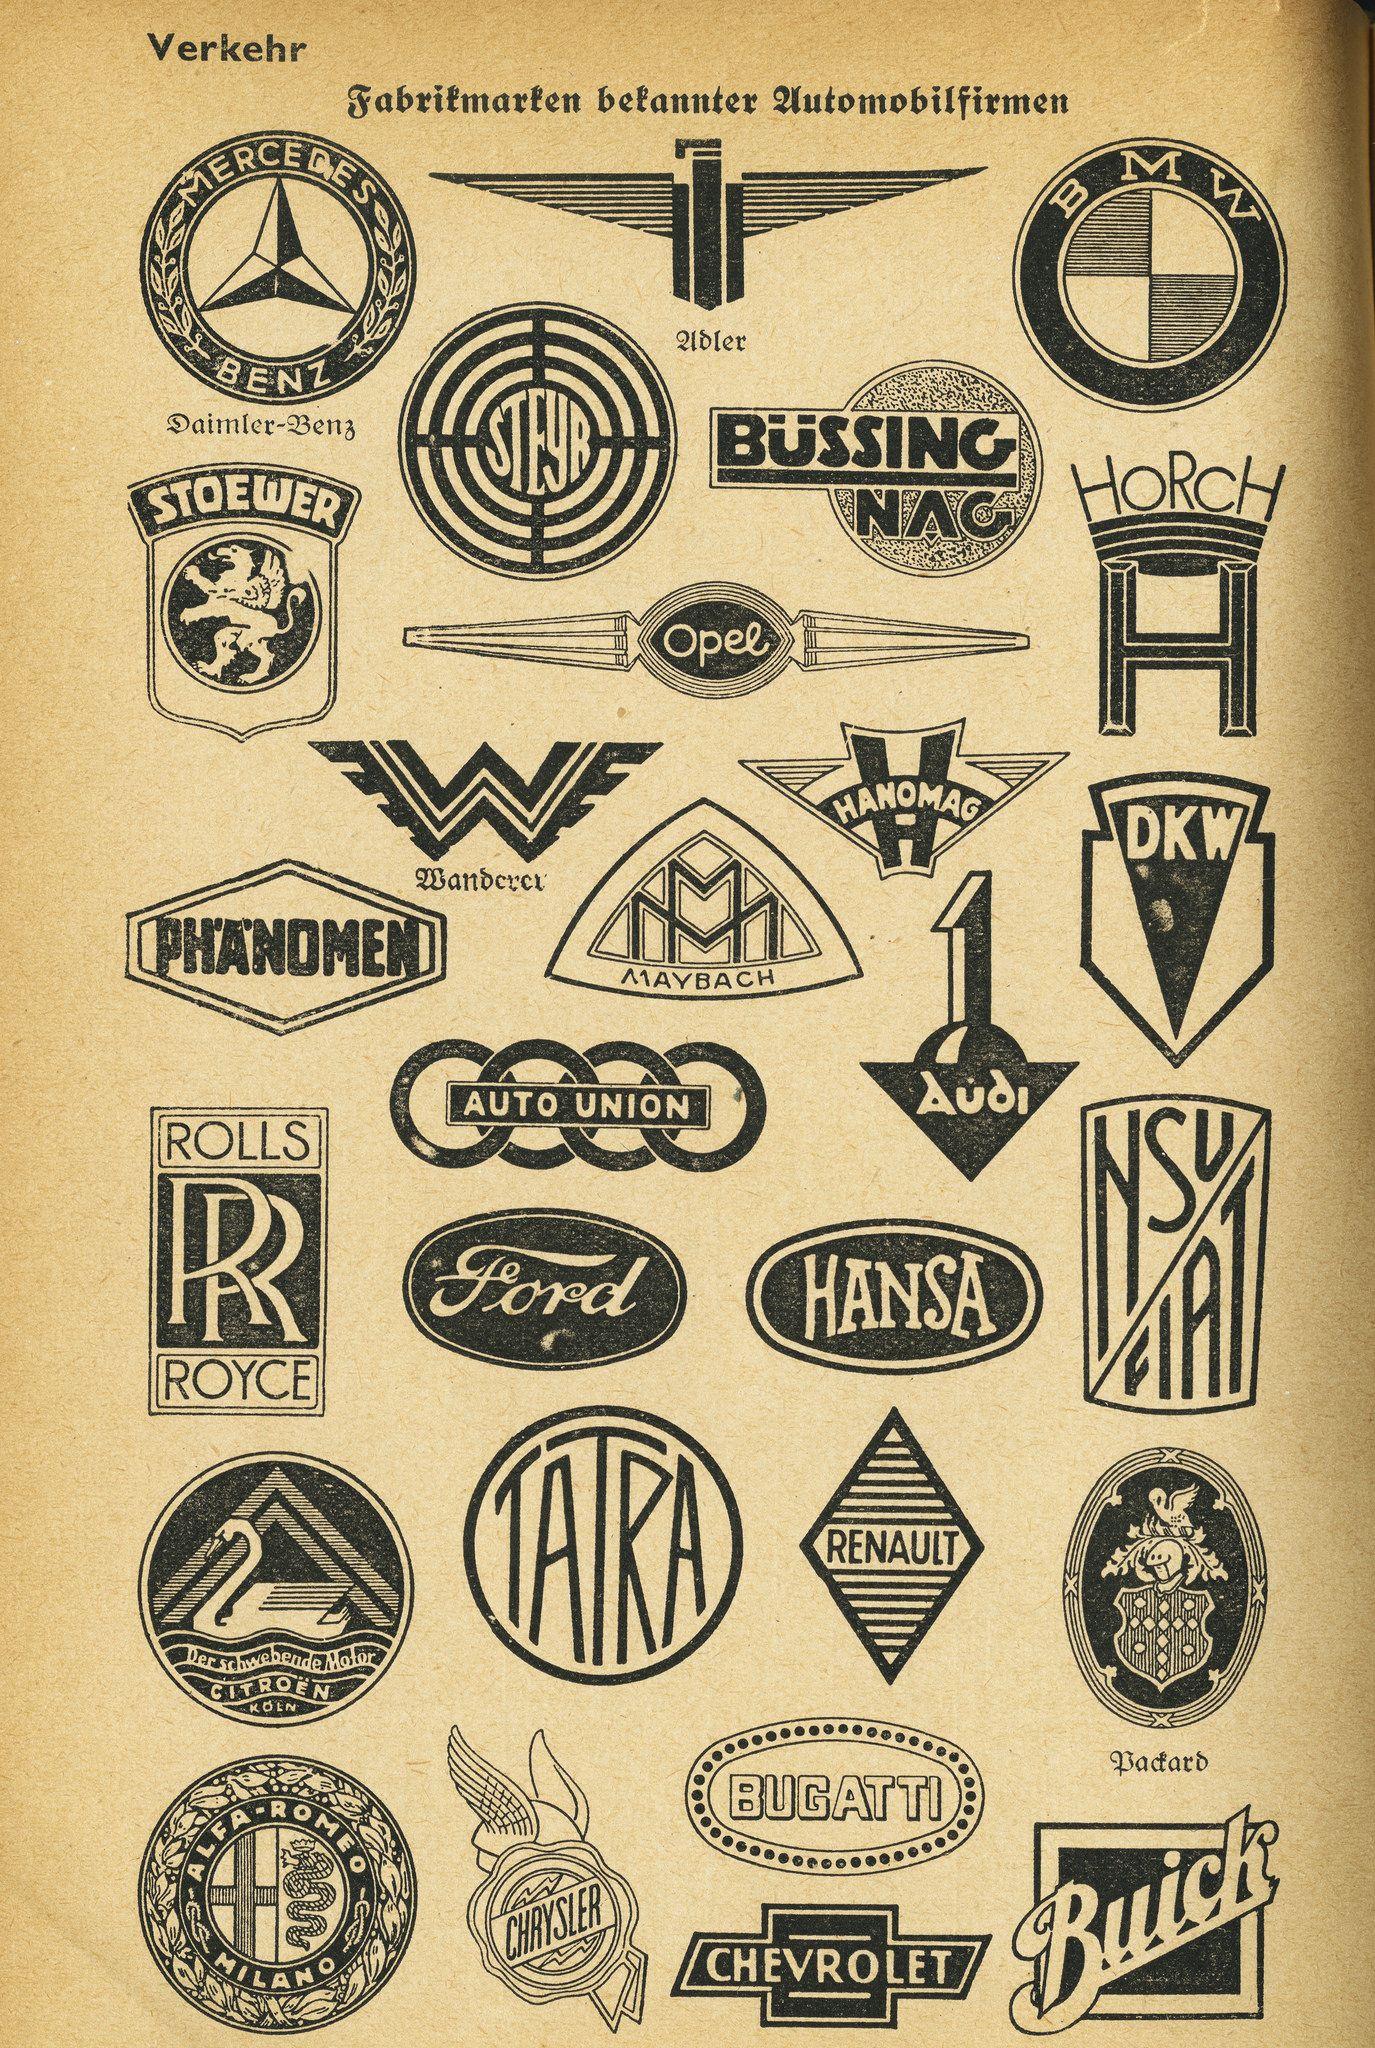 Car Brands Starting With P >> Fabrikmarken Bekannter Automobilfirmen 1939 Logo Pinch Car Logos